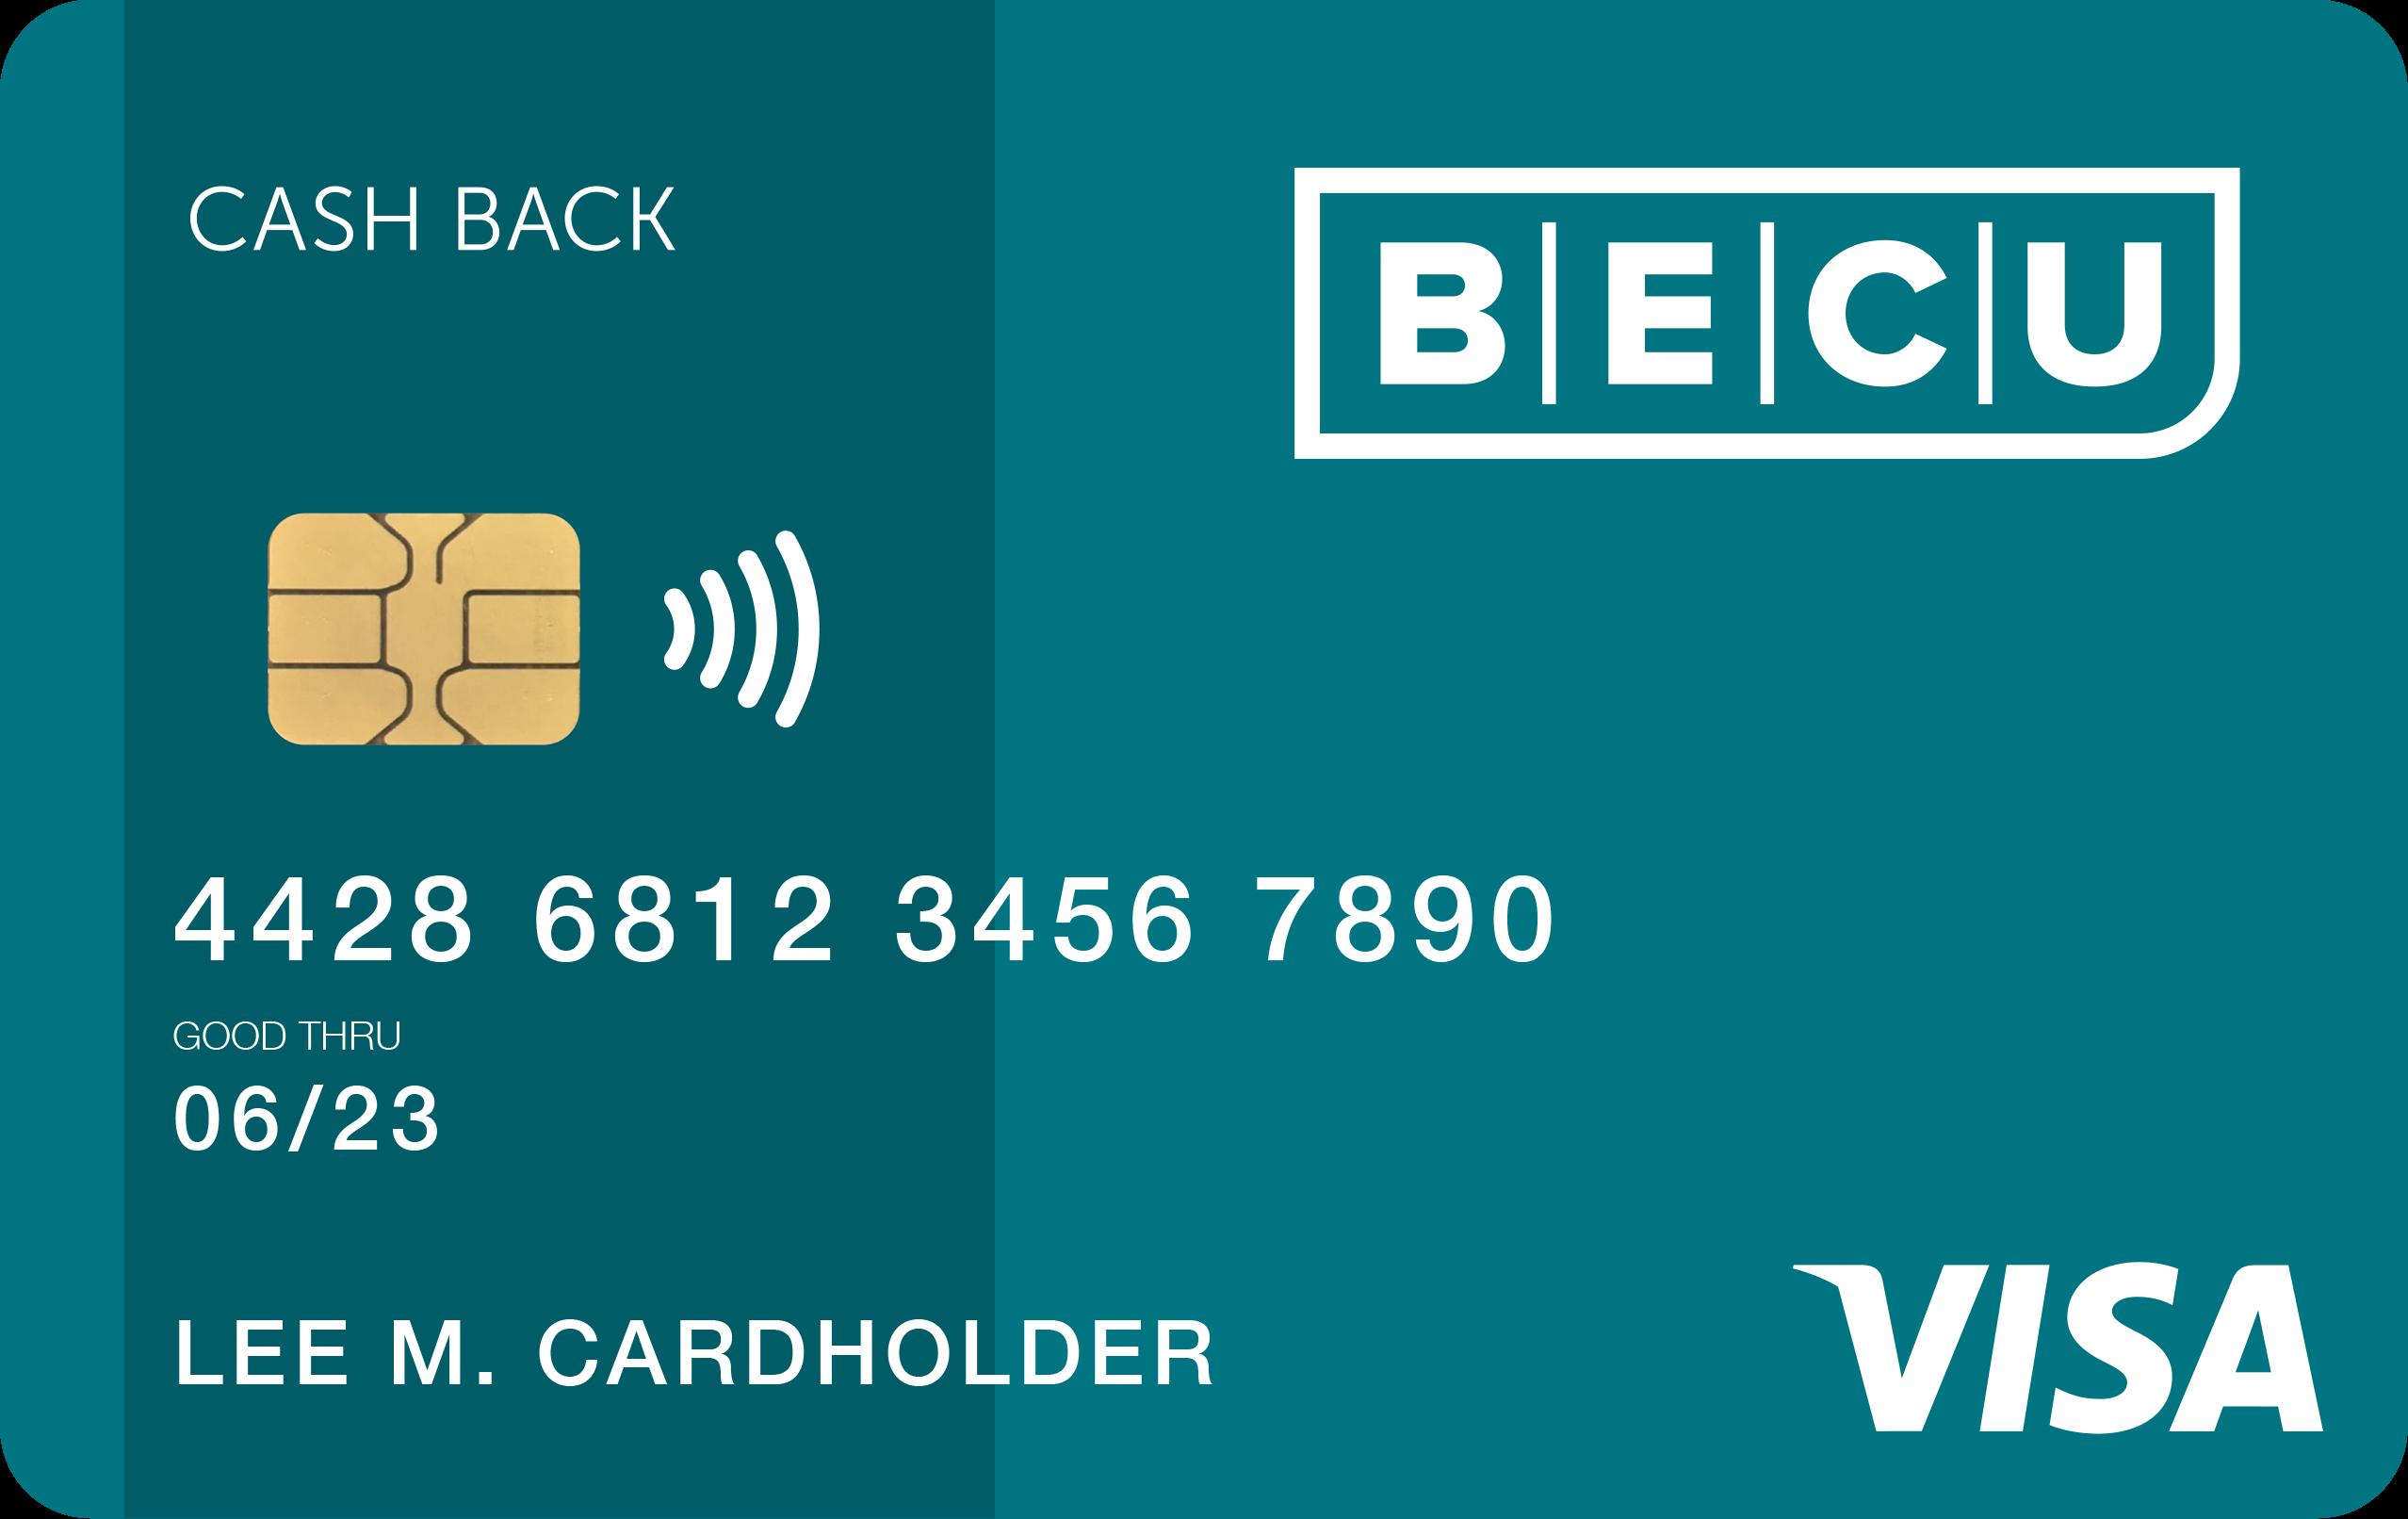 BECU Visa Cash Back